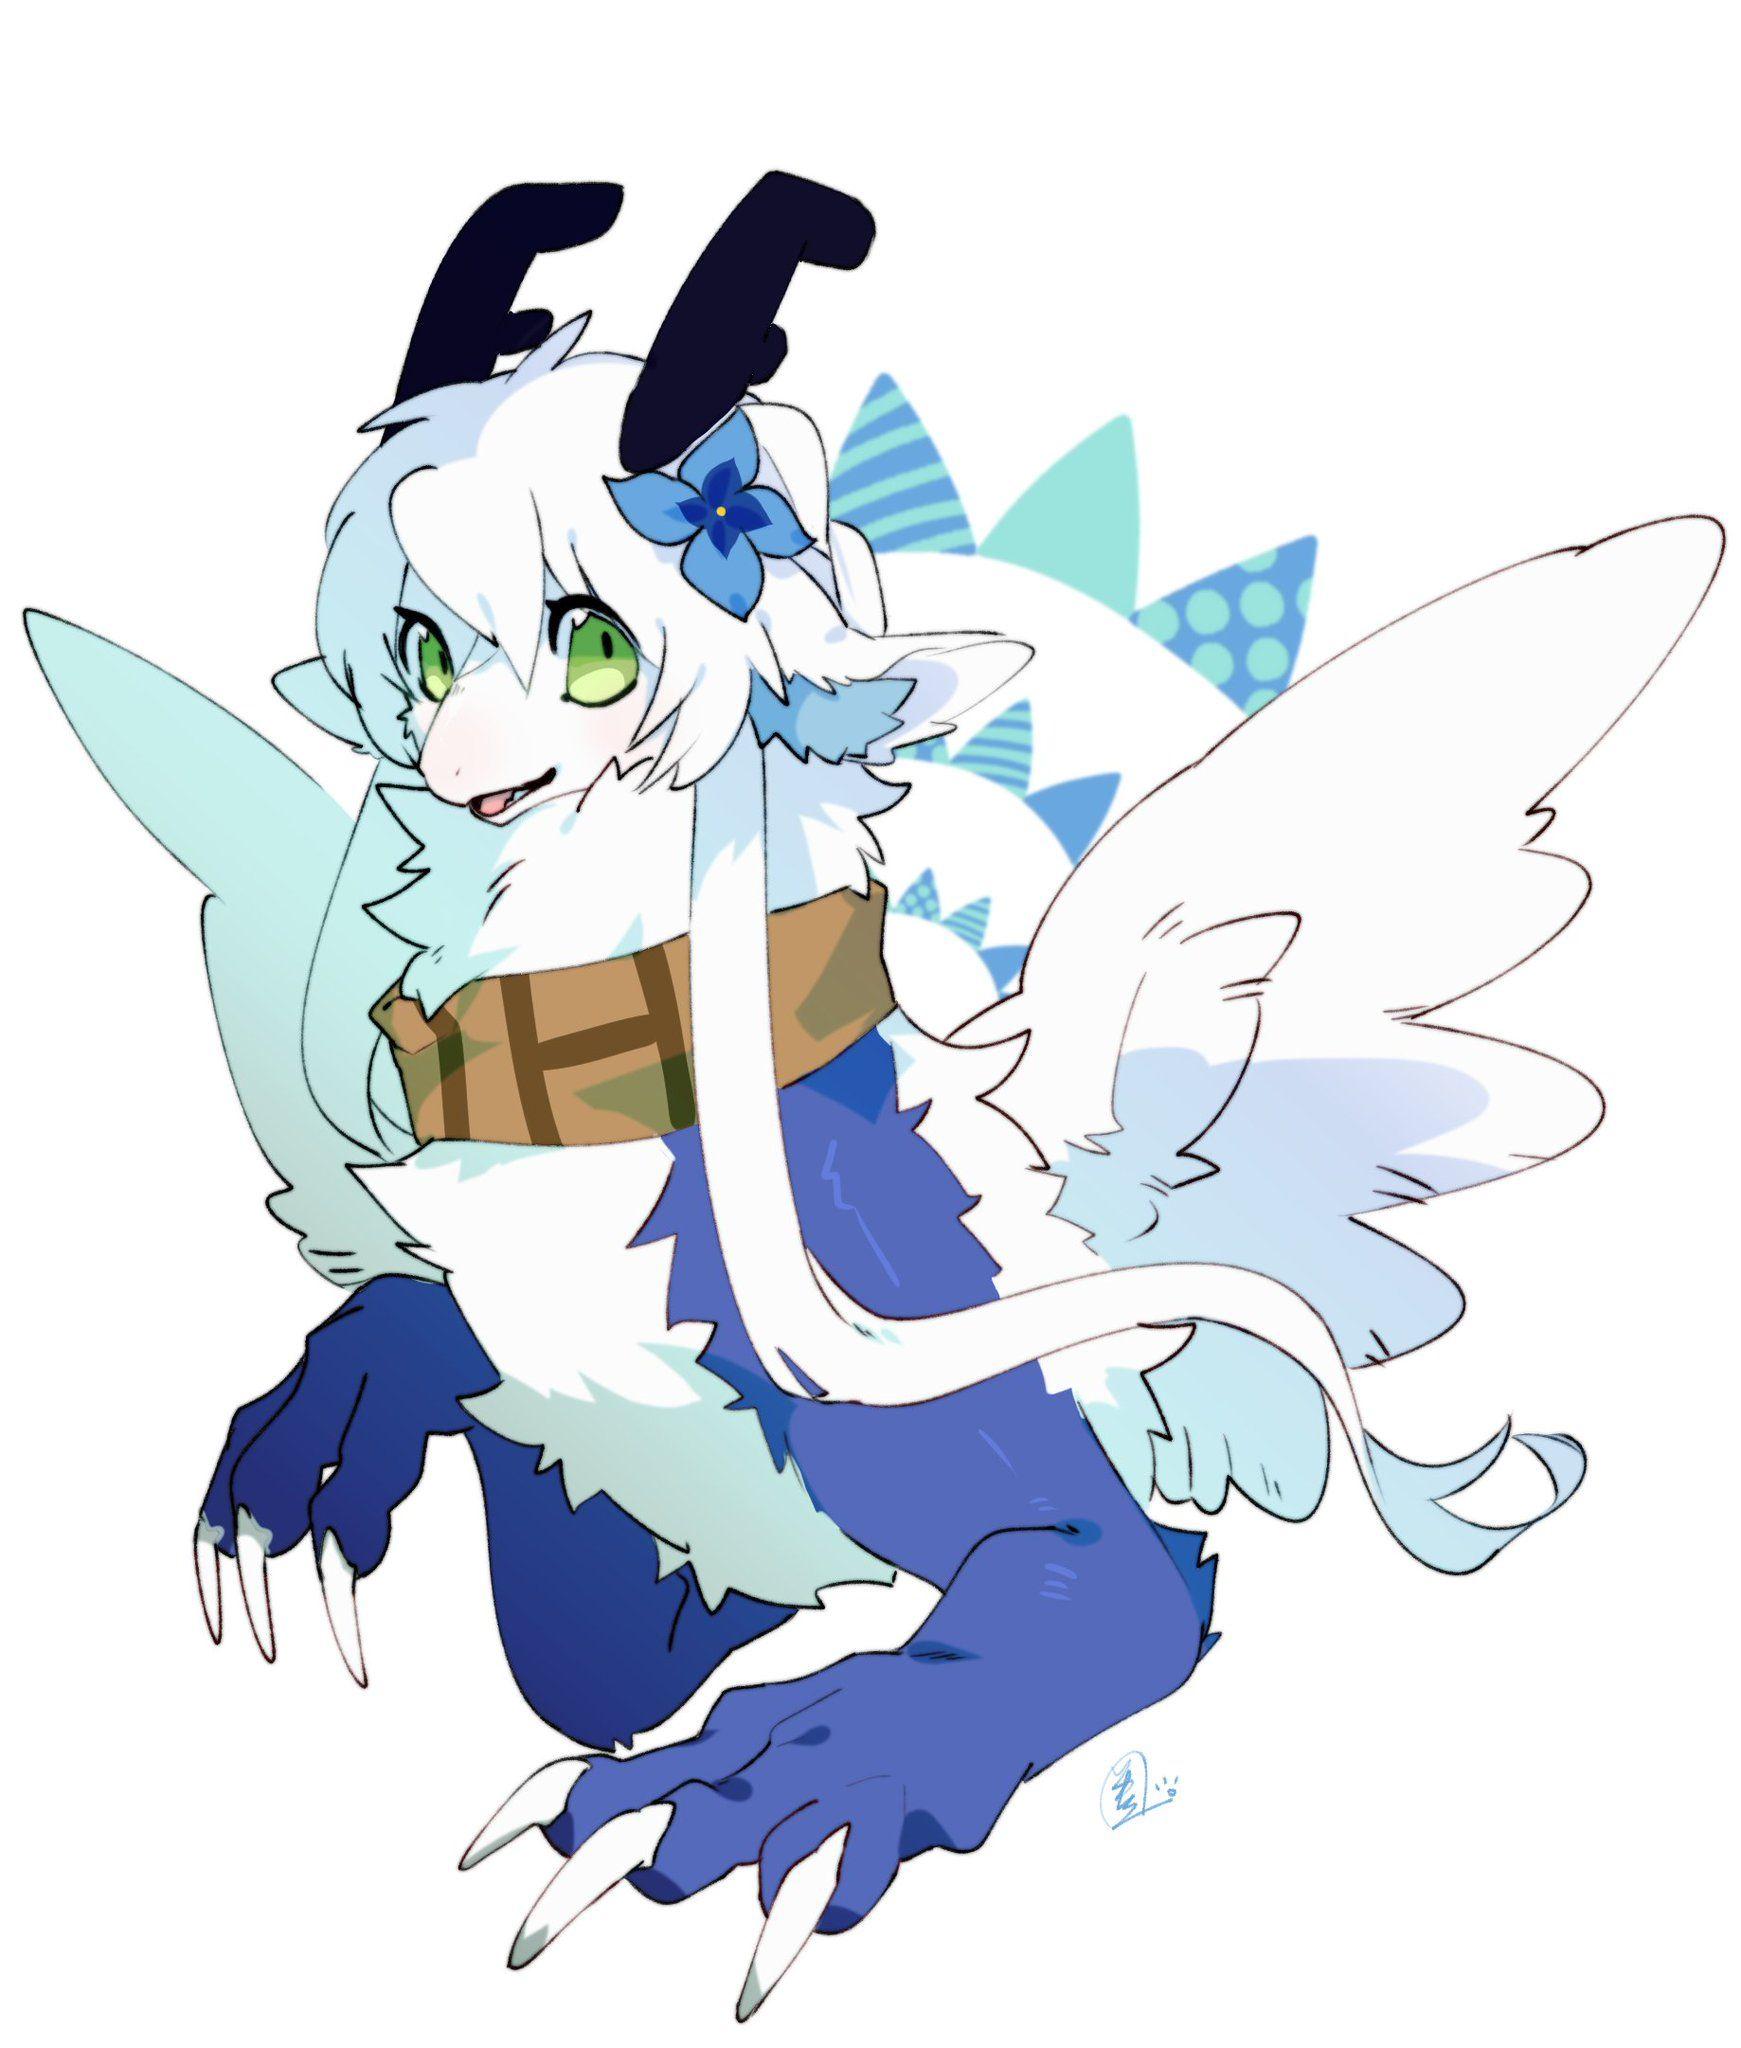 圈O2 on Twitter in 2020 Character design, Anime, Character